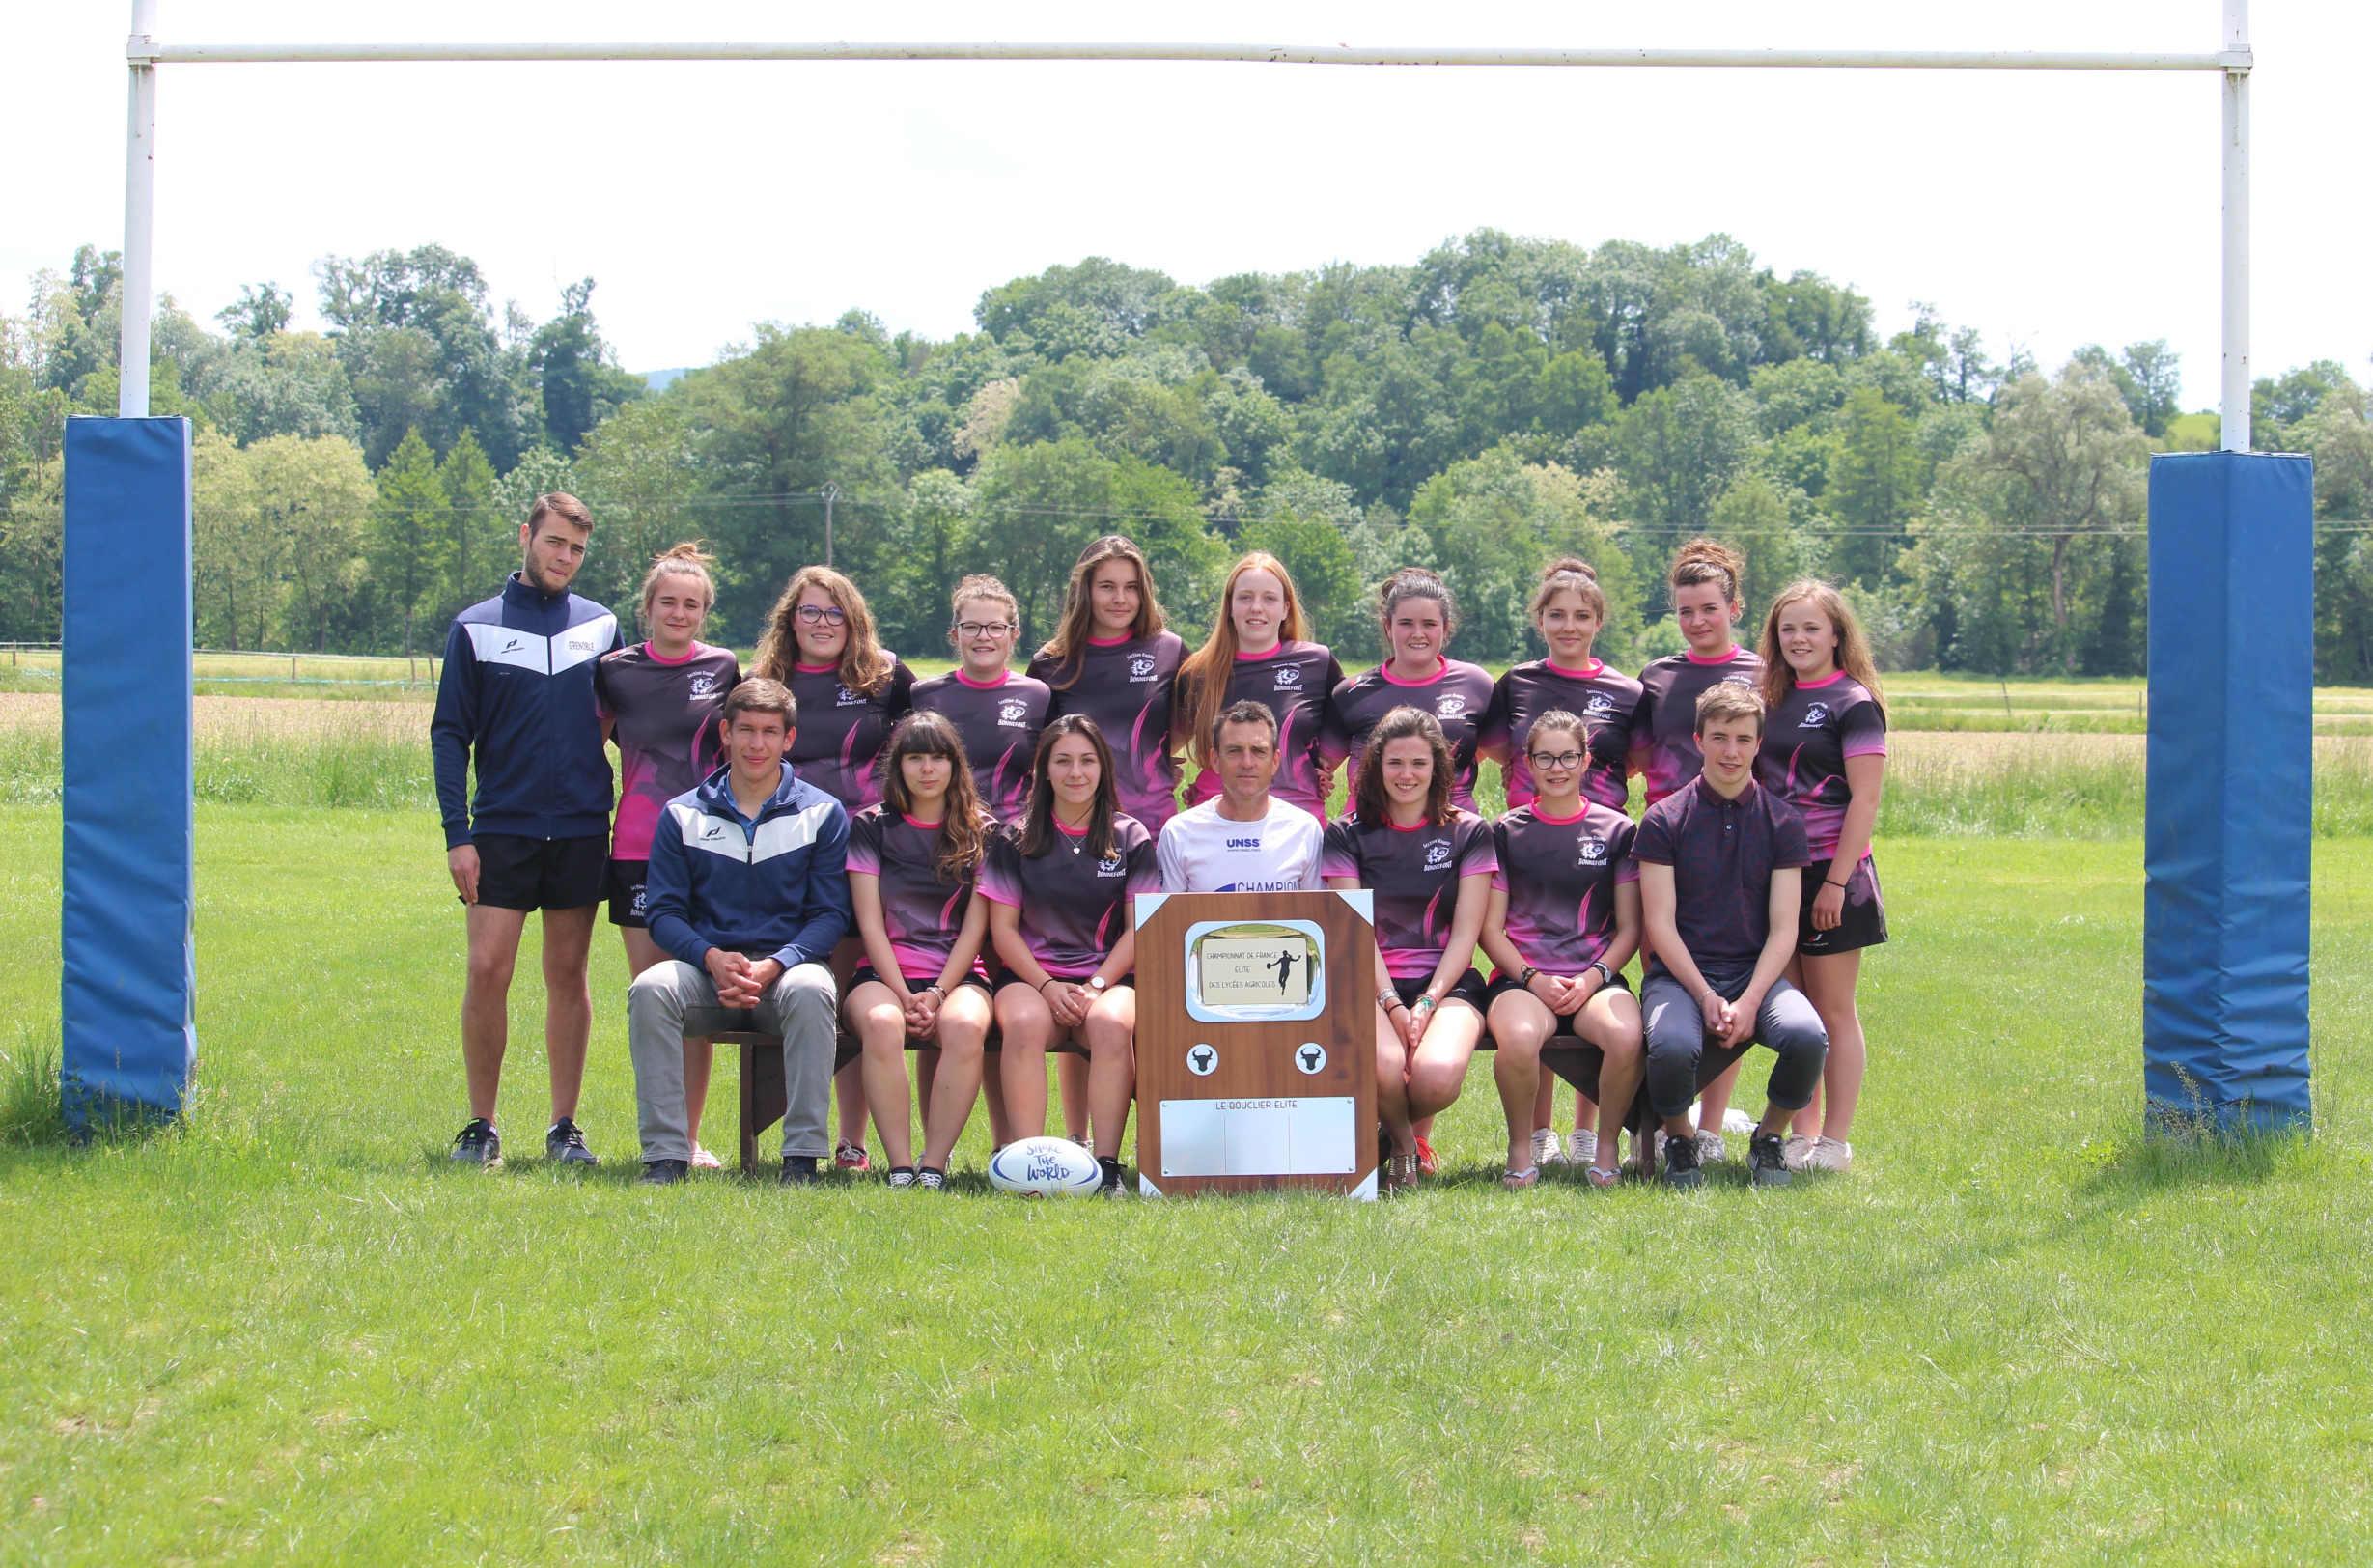 Equipe des Juniores, championnes de France Elite 2018 des lycées agricoles